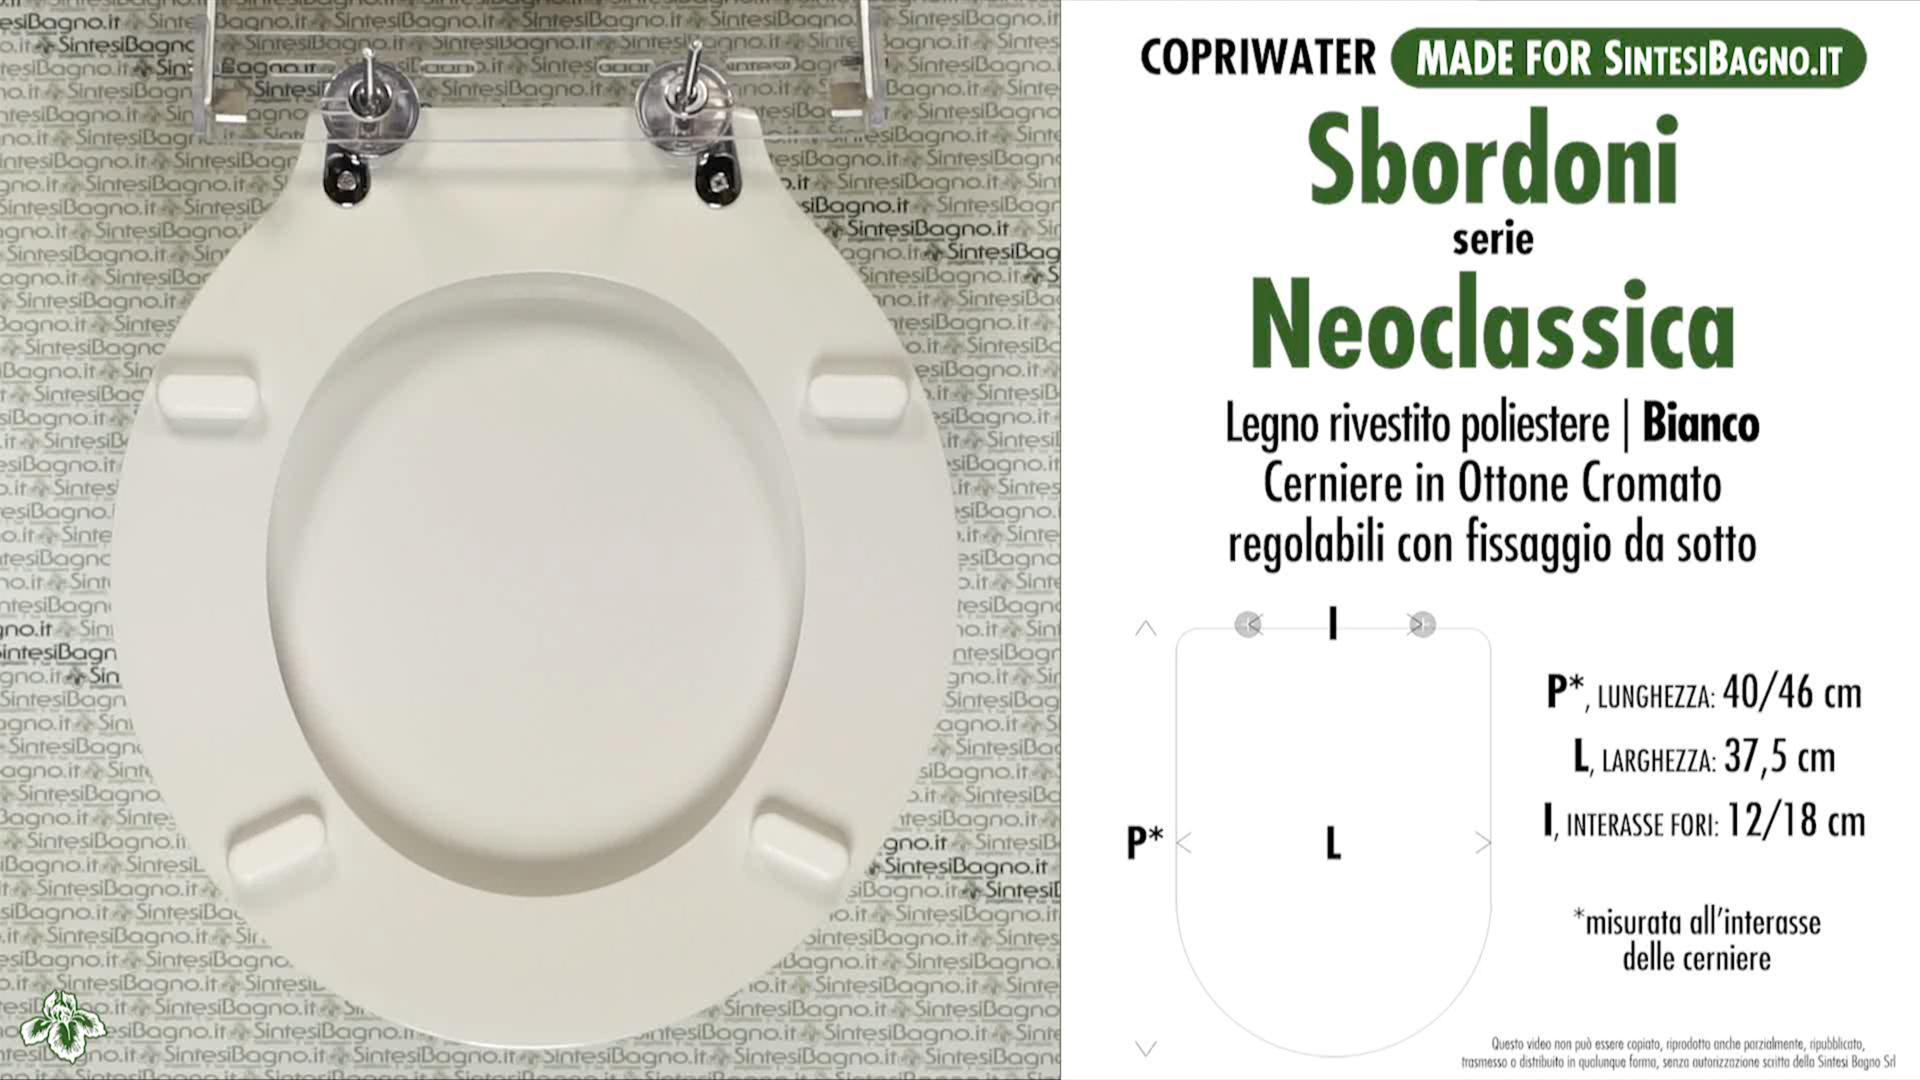 SCHEDA TECNICA MISURE copriwater SBORDONI NEOCçASSICA